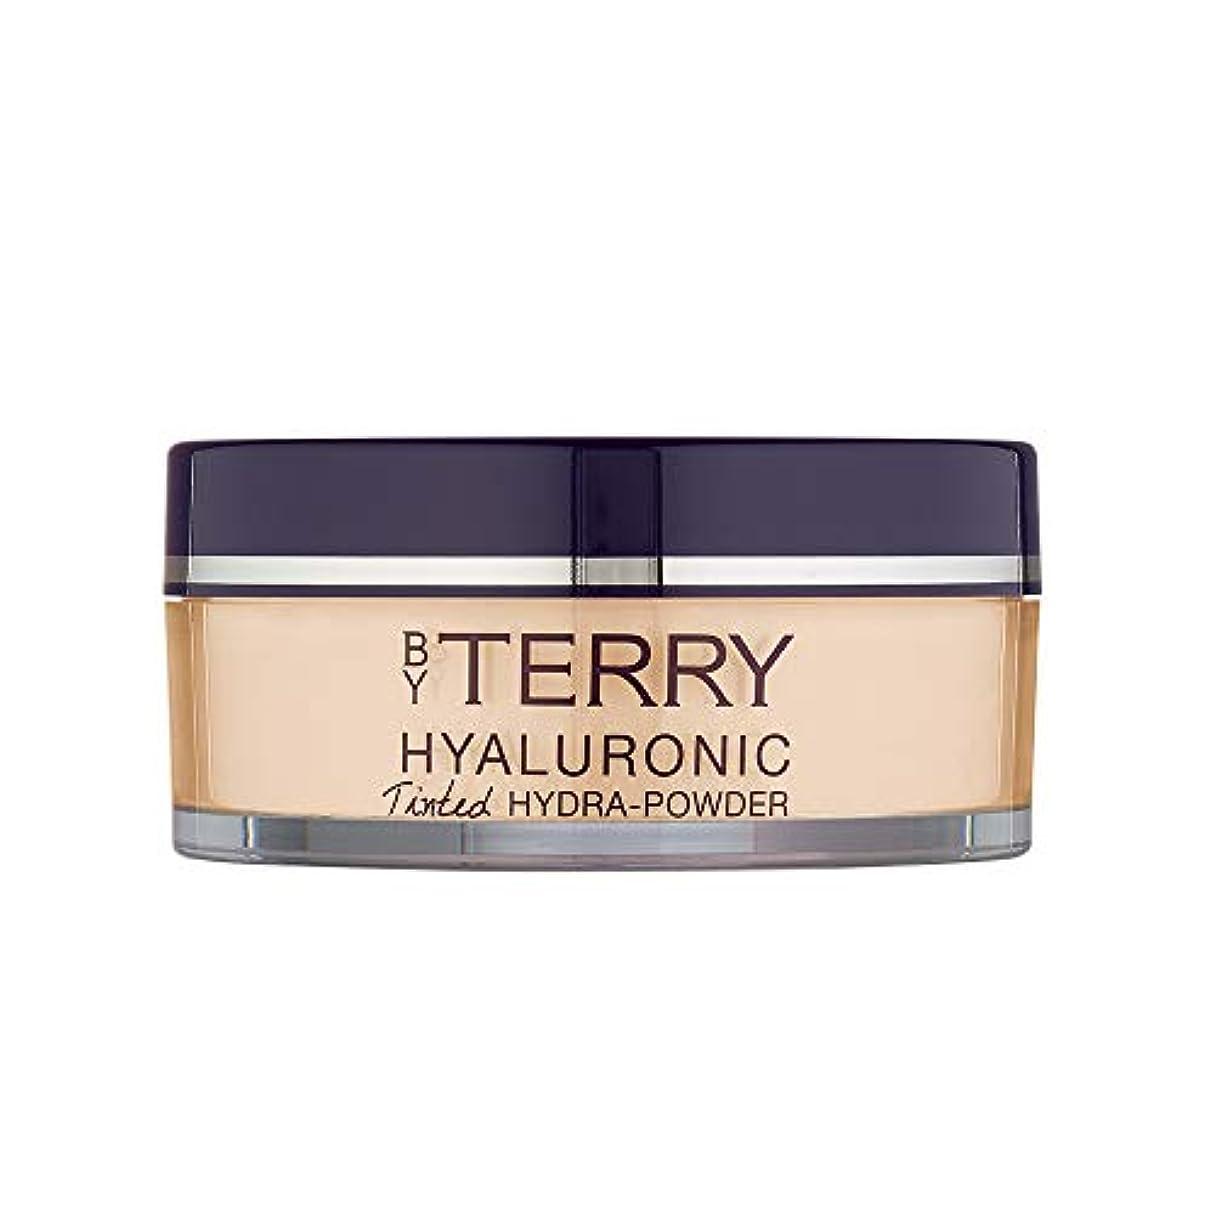 セットする住人親バイテリー Hyaluronic Tinted Hydra Care Setting Powder - # 100 Fair 10g/0.35oz並行輸入品